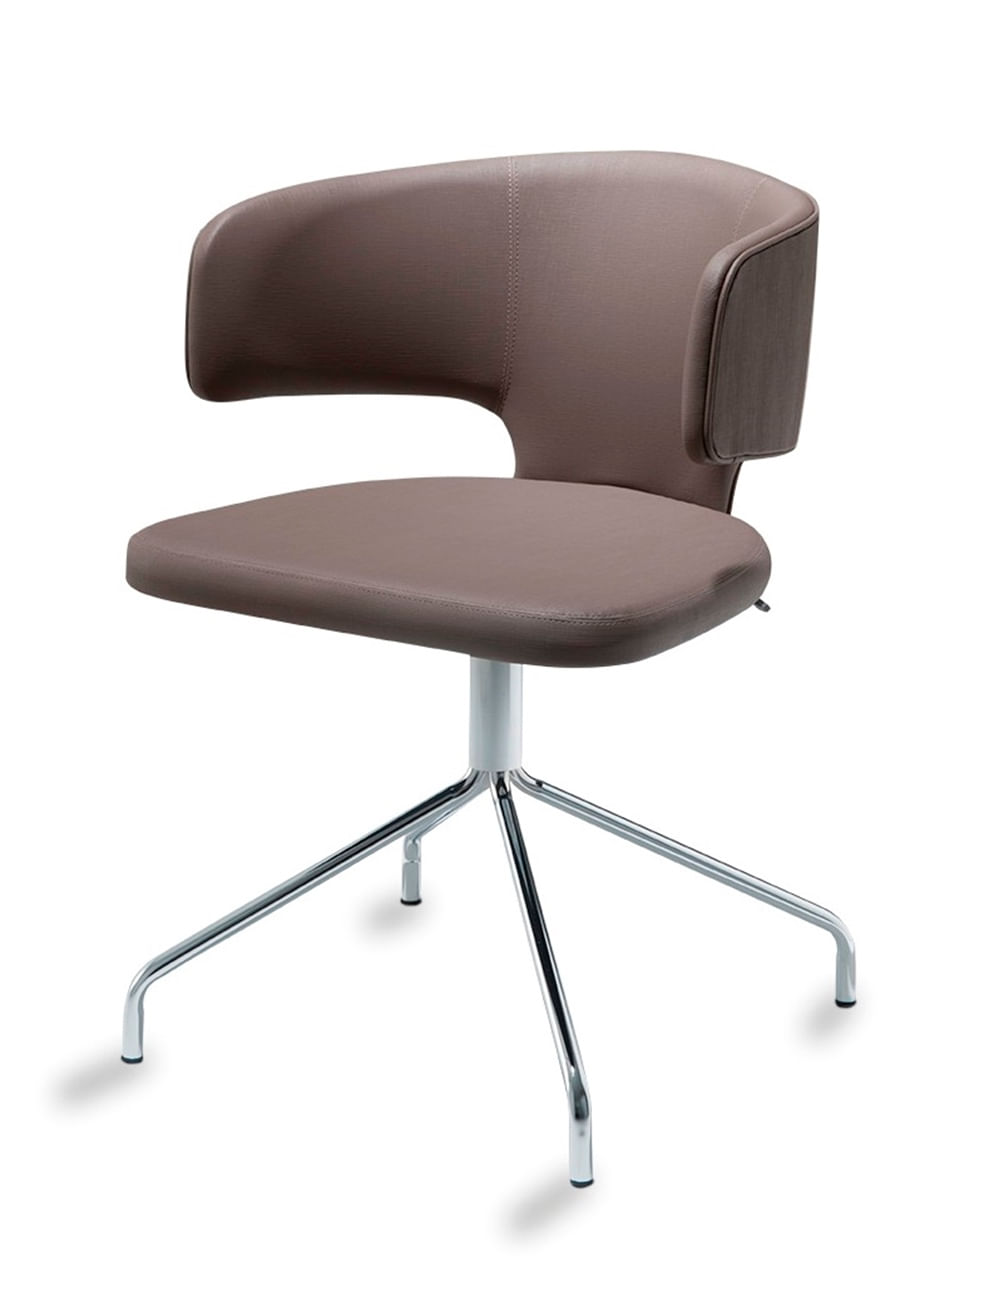 Cadeira Hug Slim Assento Estofado Linho Trufa com Base Cromada - 46888